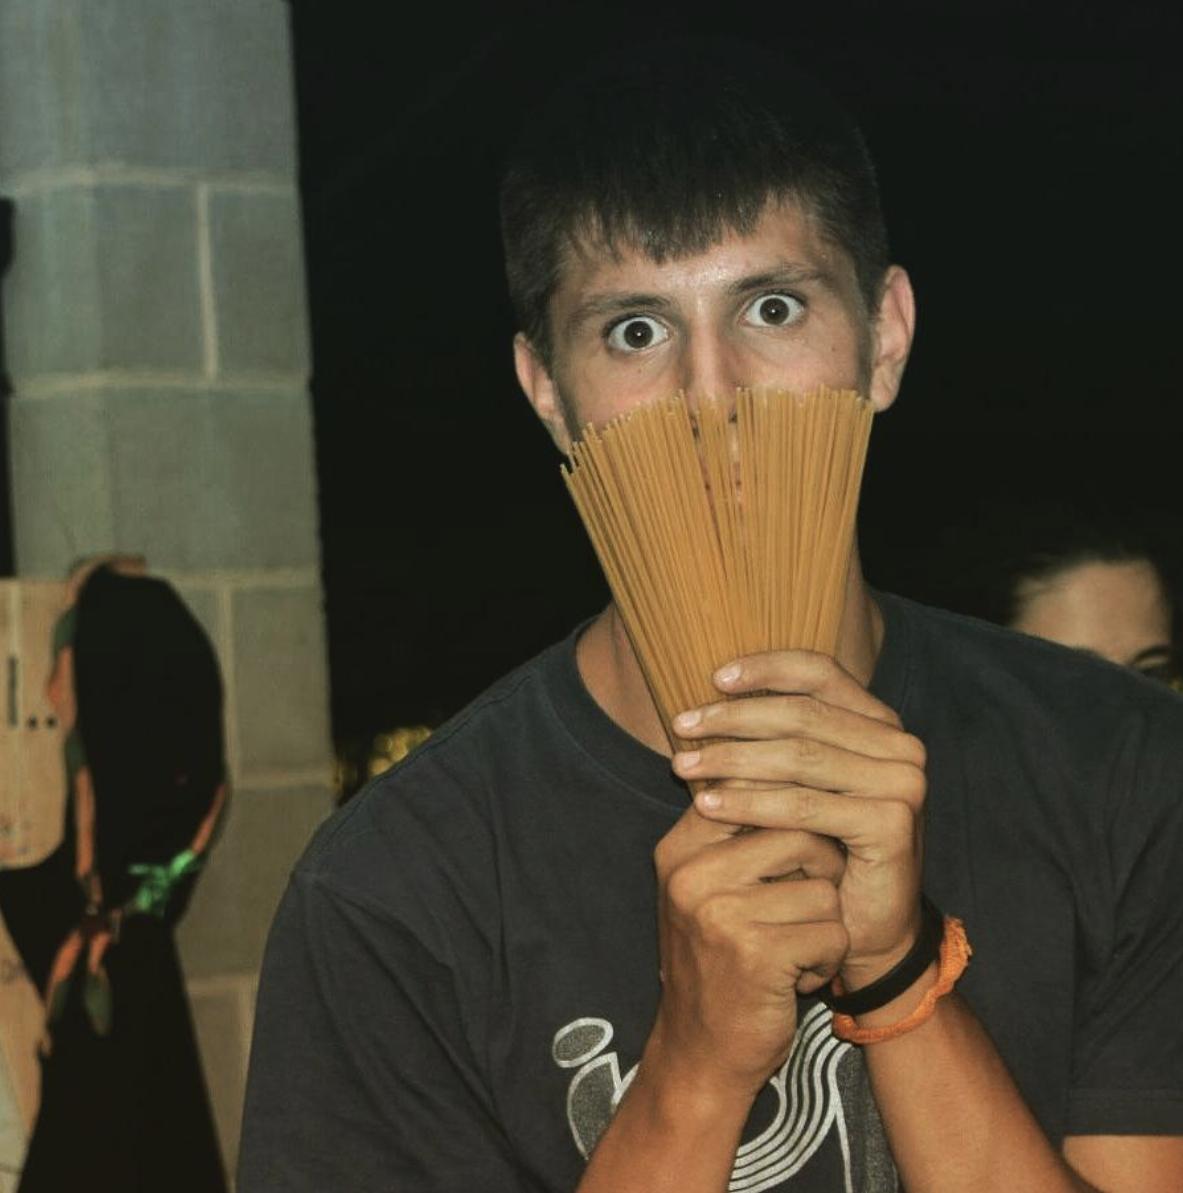 Foto di Matteo, amico di Davide con un'espressione divertente mentre si nasconde dietro agli spaghetti